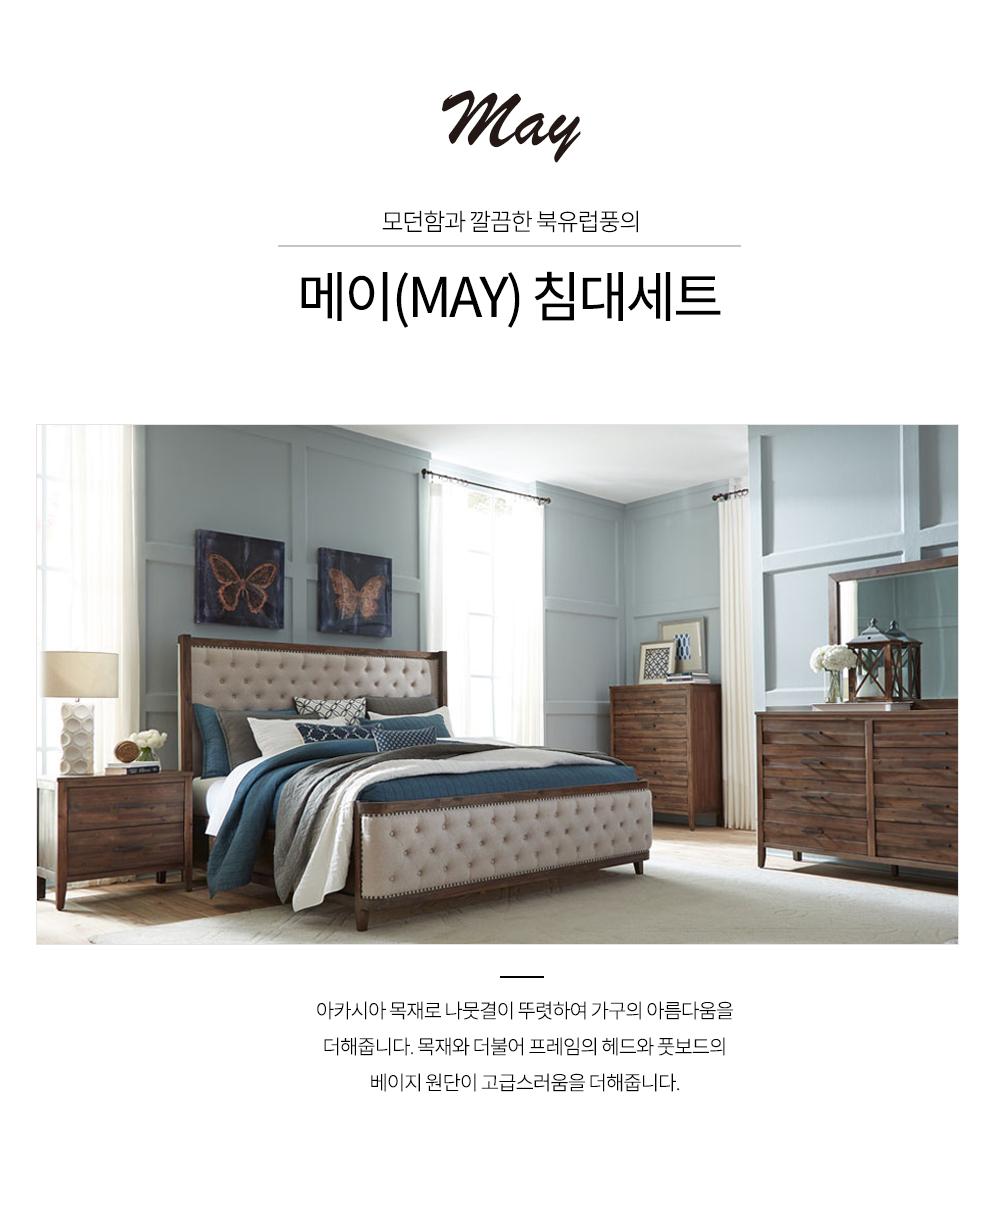 may01.jpg